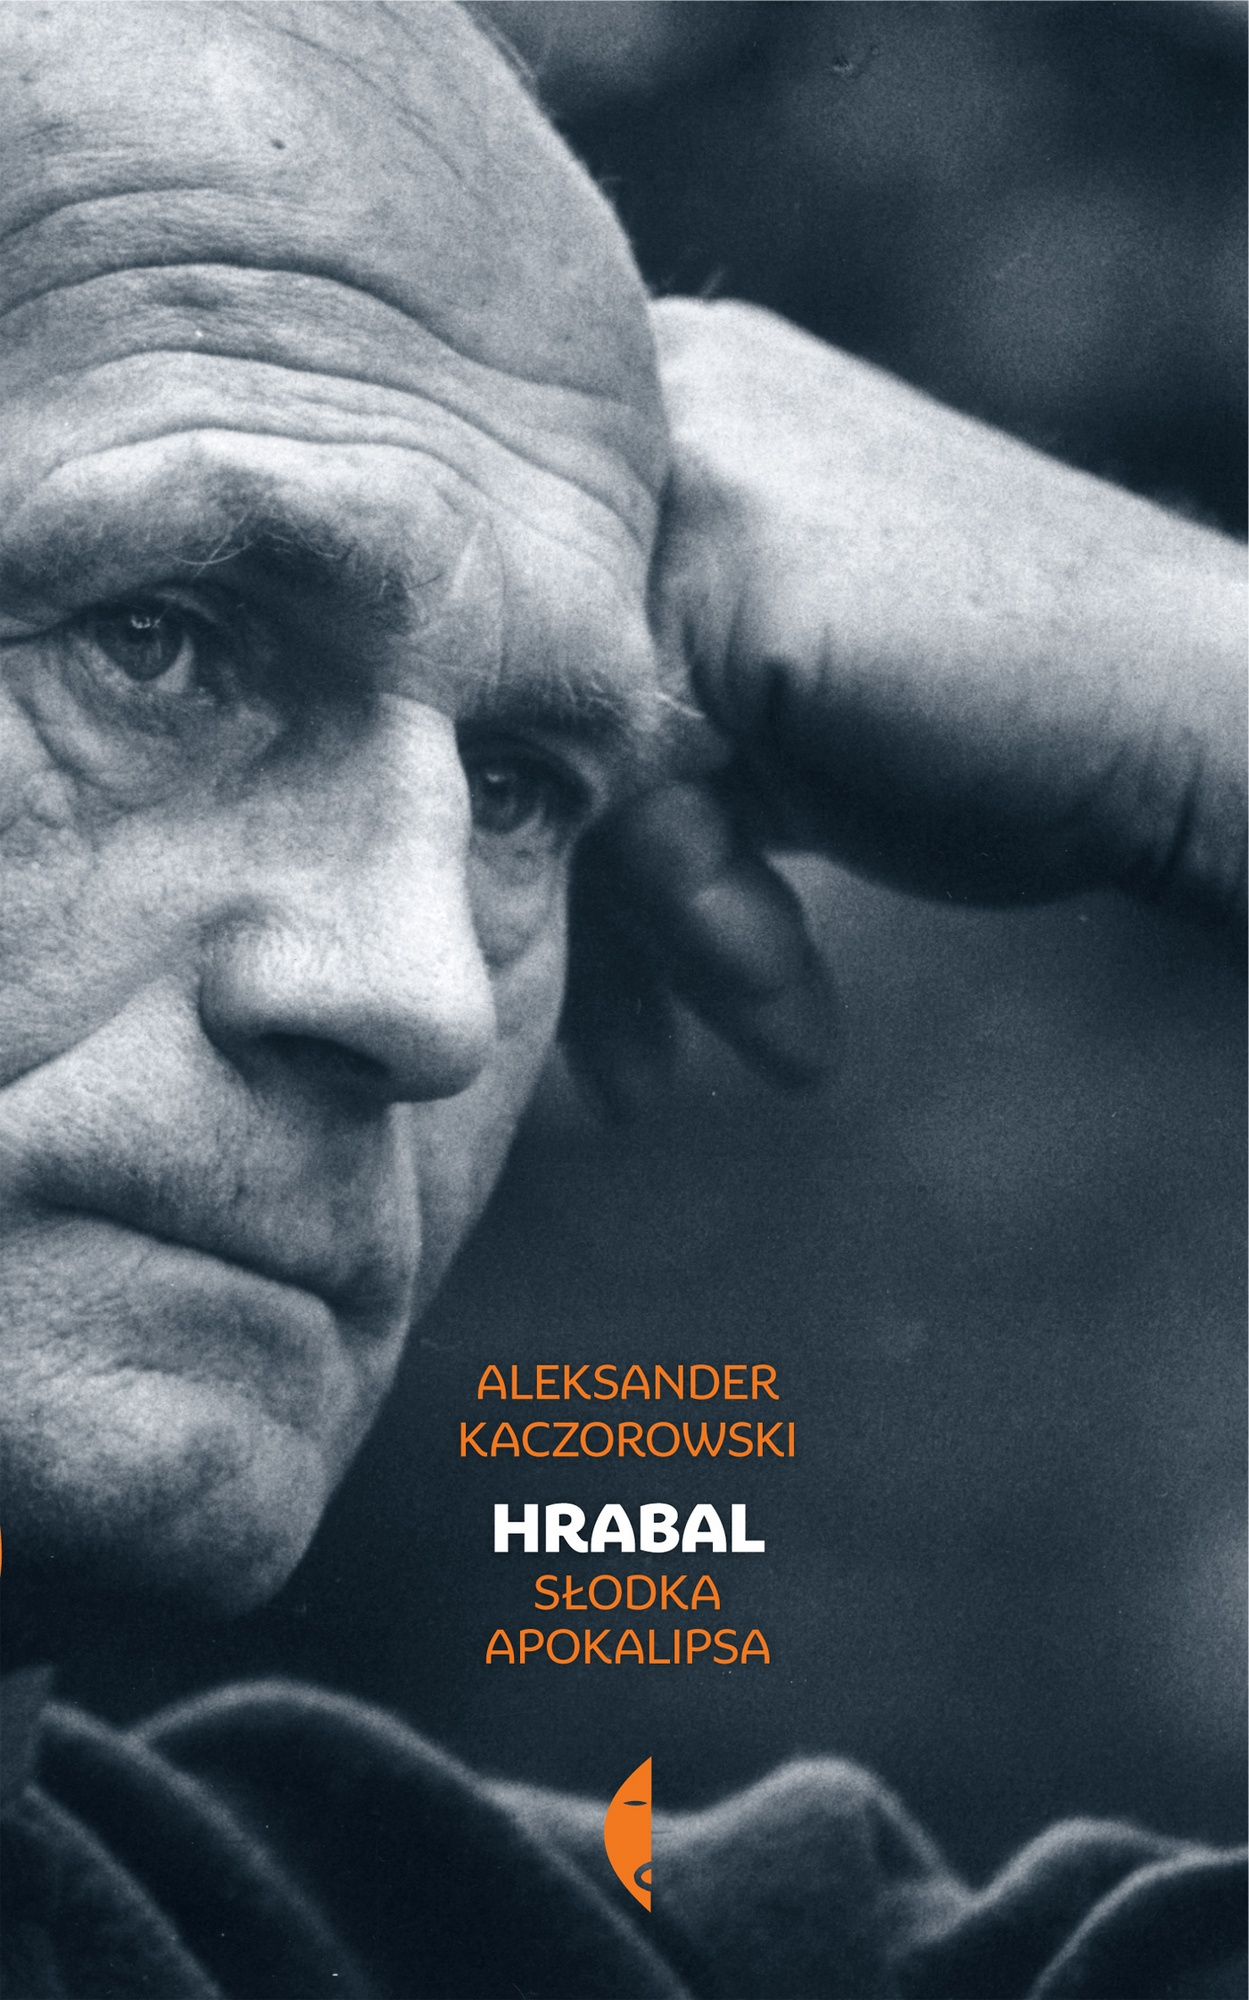 """Aleksander Kaczorowski, """"Hrabal. Słodka apokalipsa"""" – okładka (źródło: materiały prasowe)"""